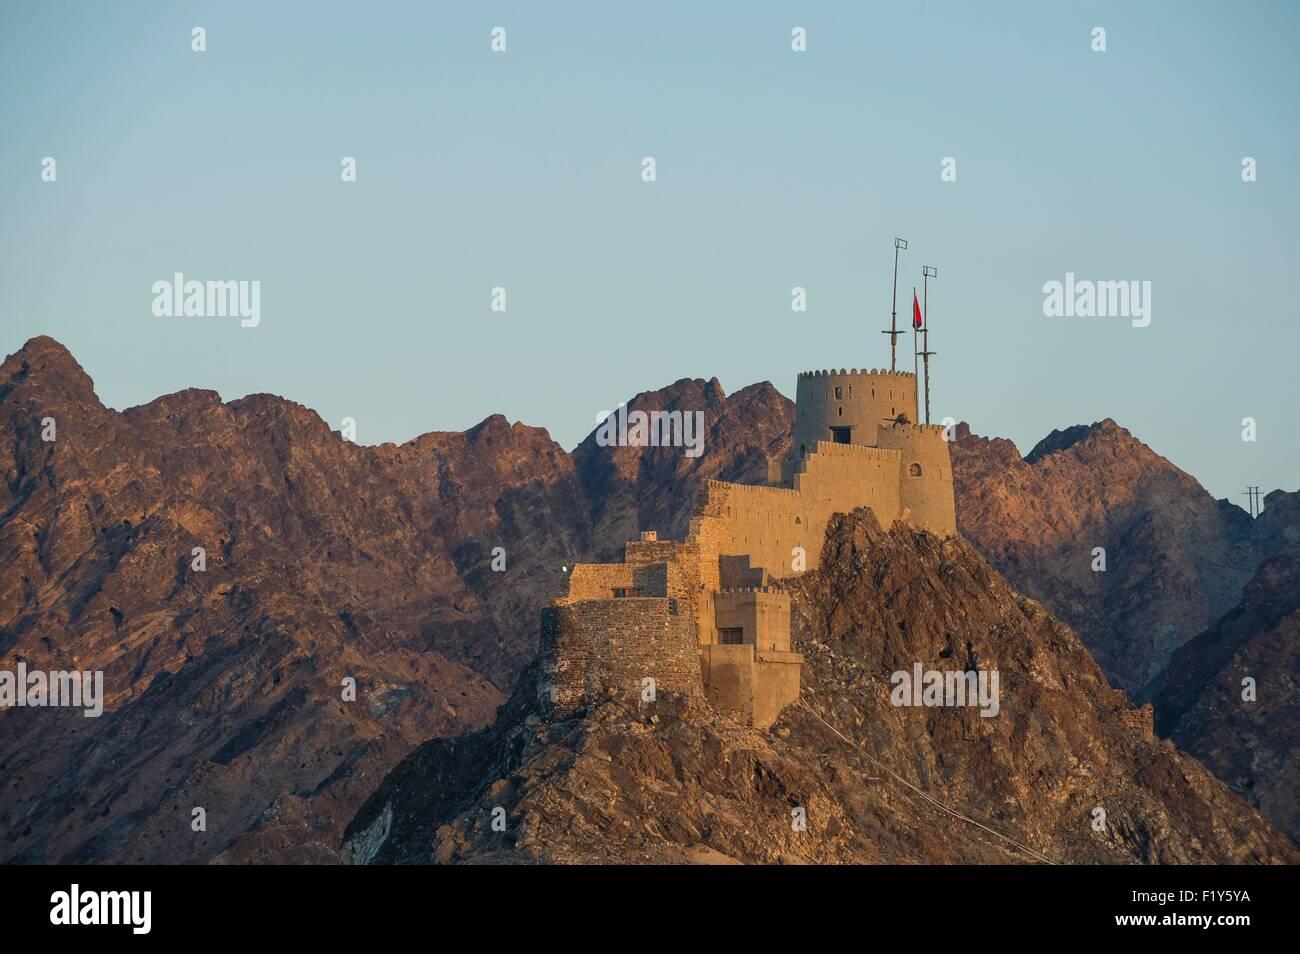 Oman, Muscat, Muttrah, le fort du 17e siècle Photo Stock